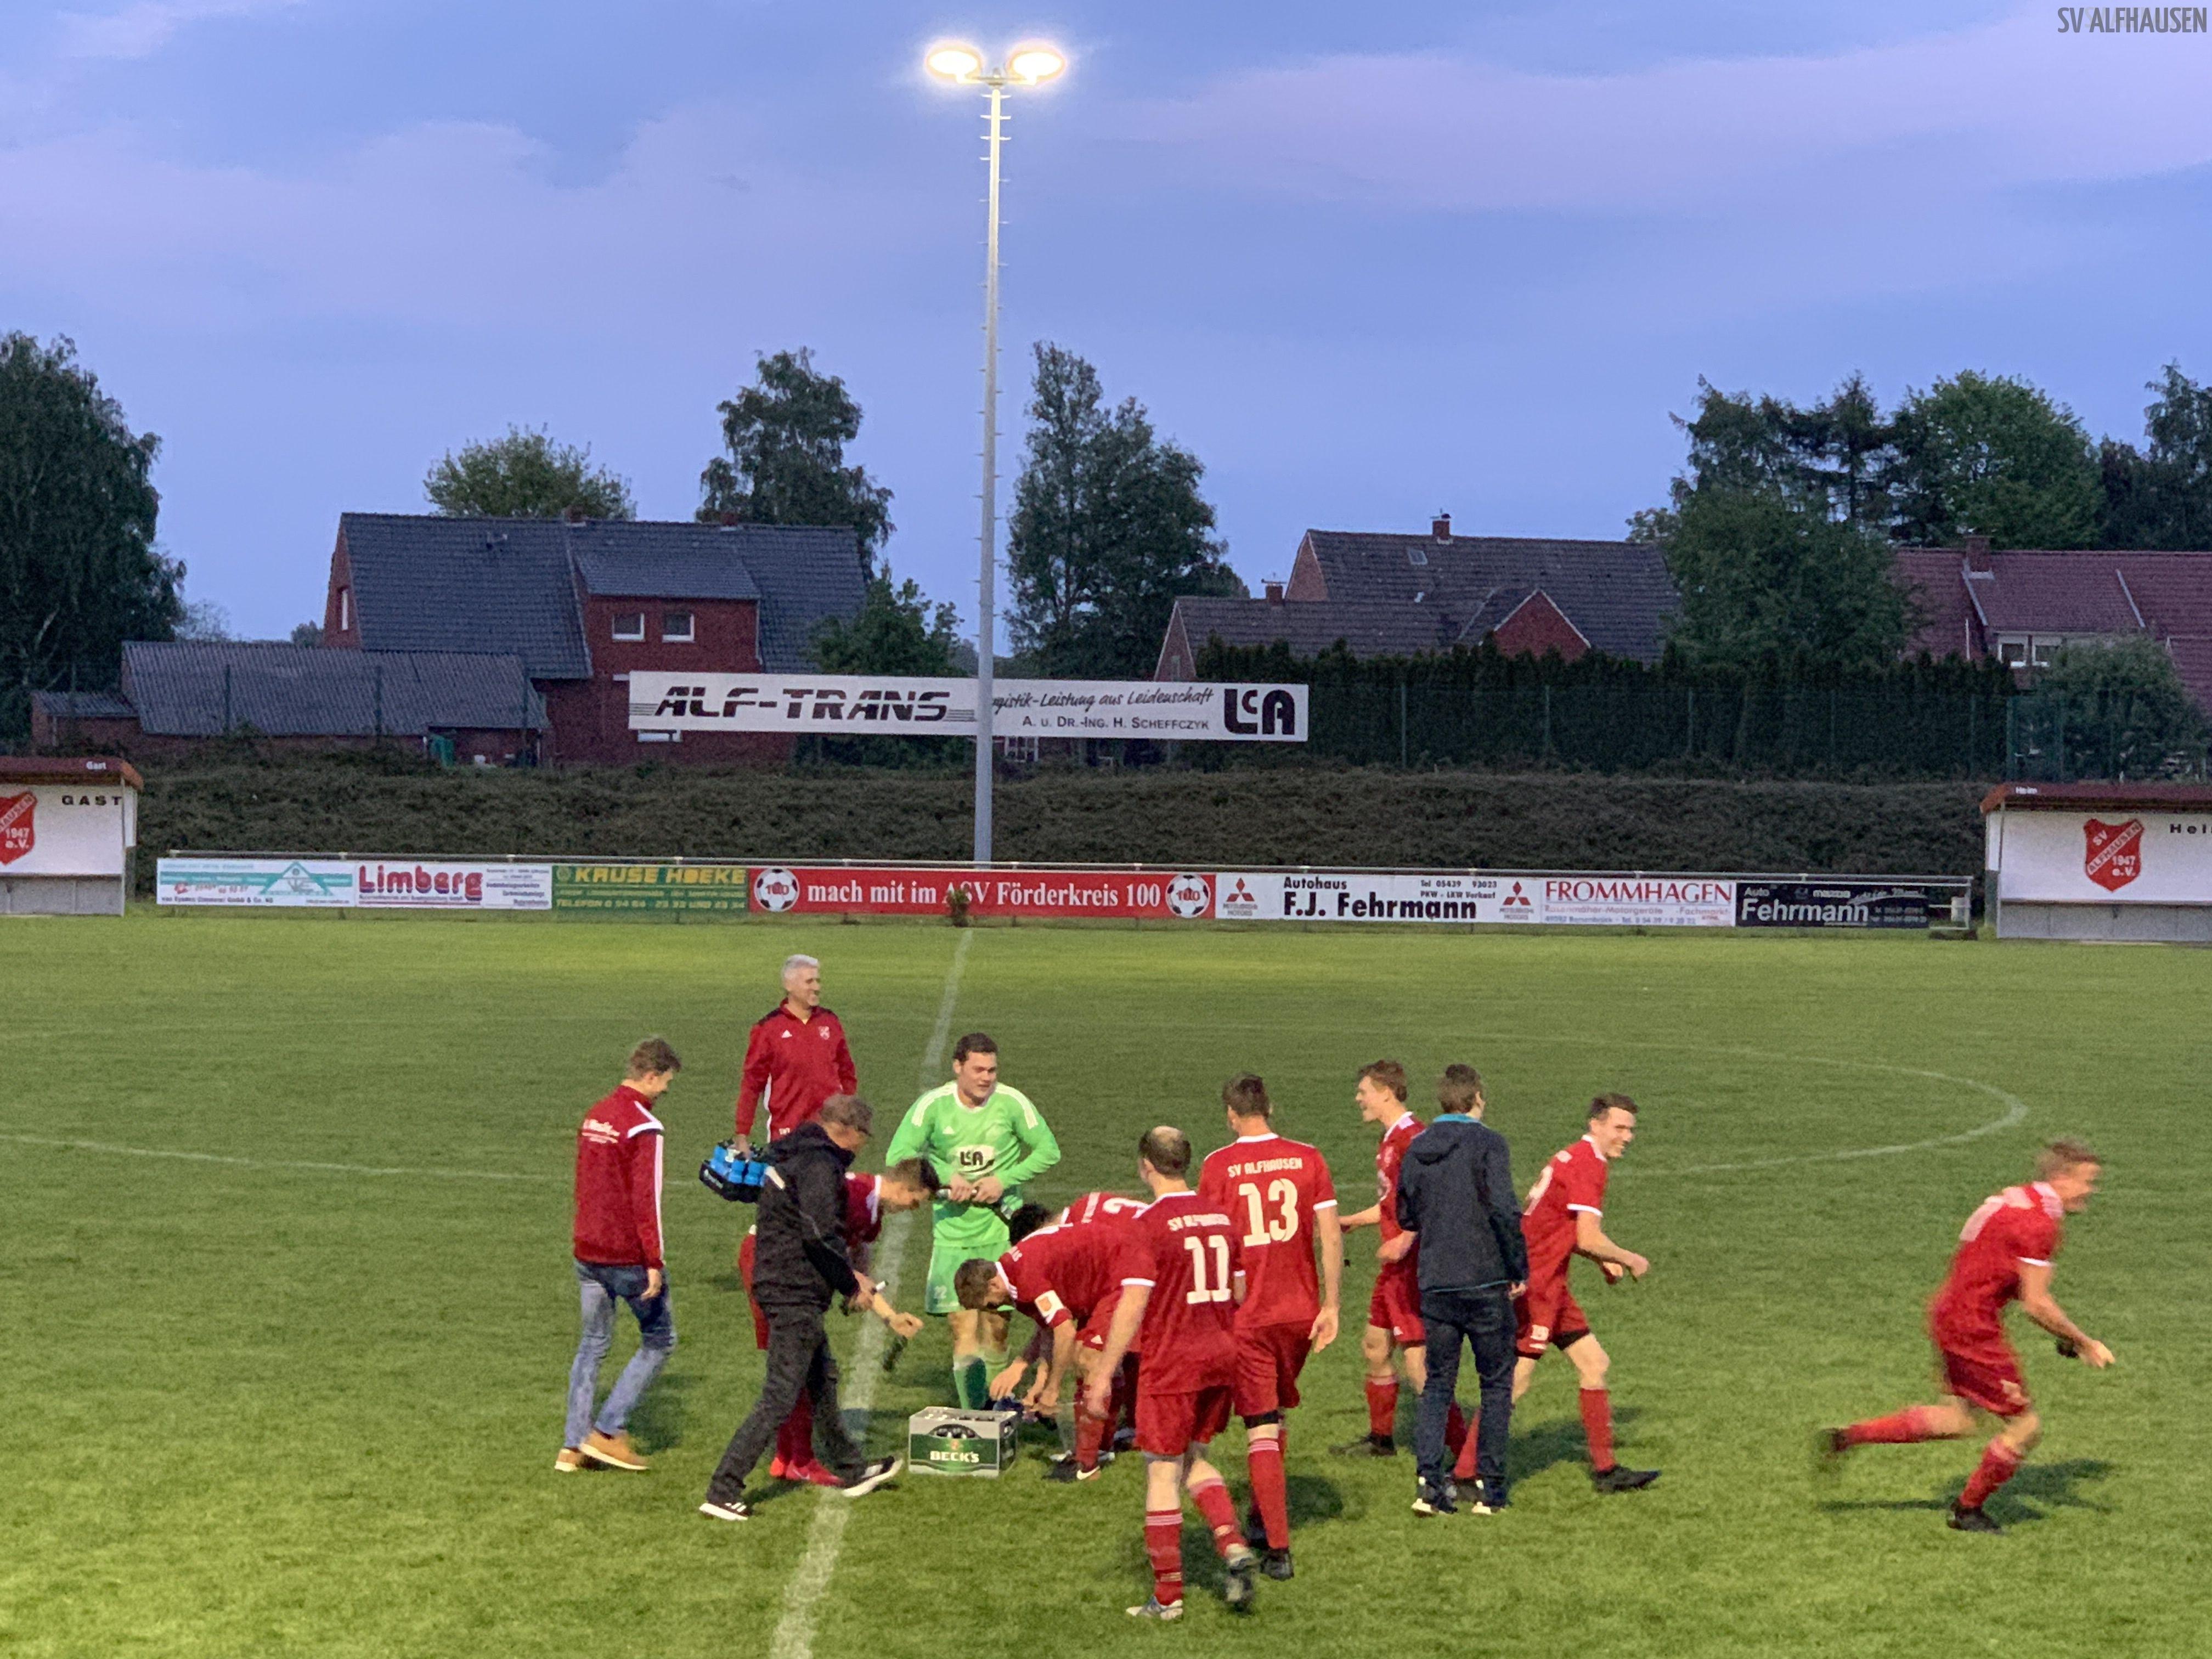 Aufstiegsspiel SV Alfhausen